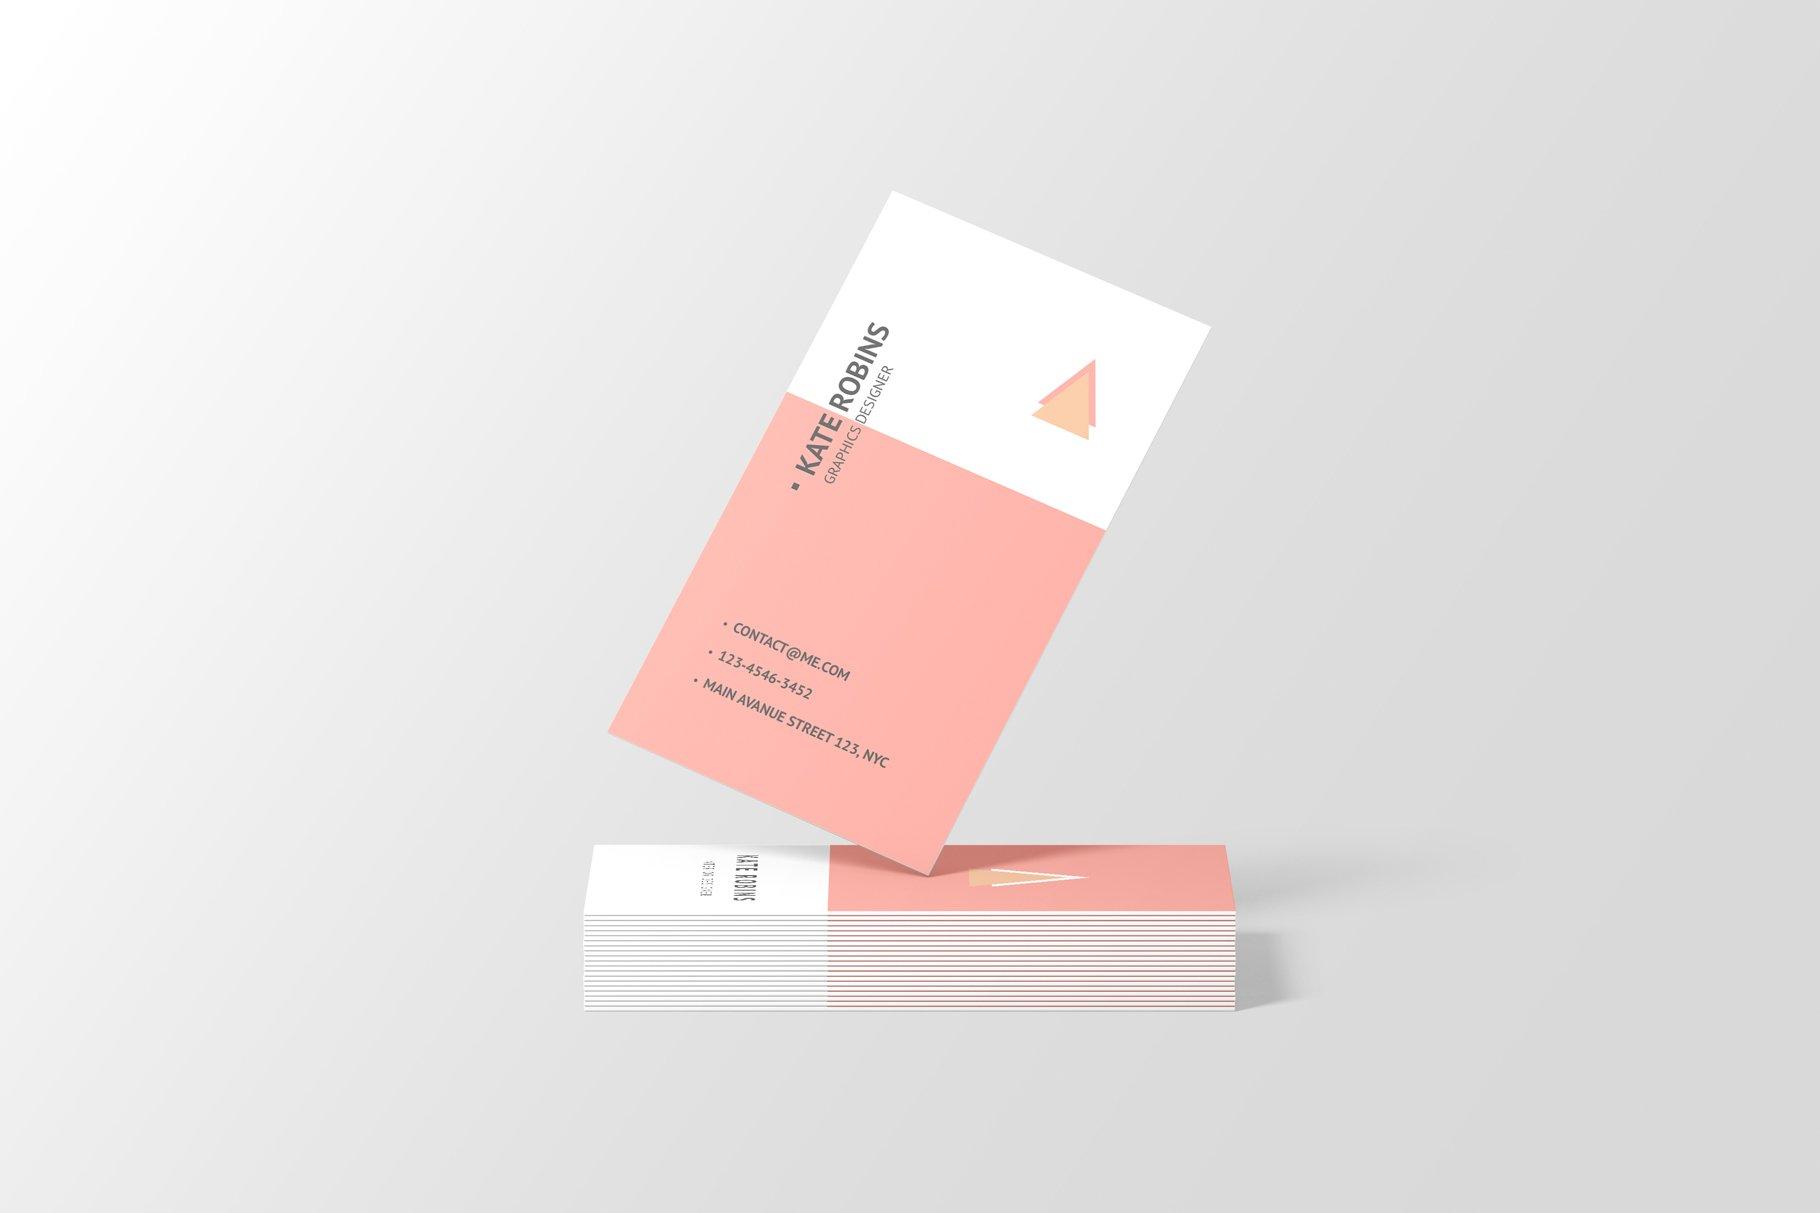 14款商务个人名片卡片设计展示样机 Portrait Business Card Mockup插图(1)